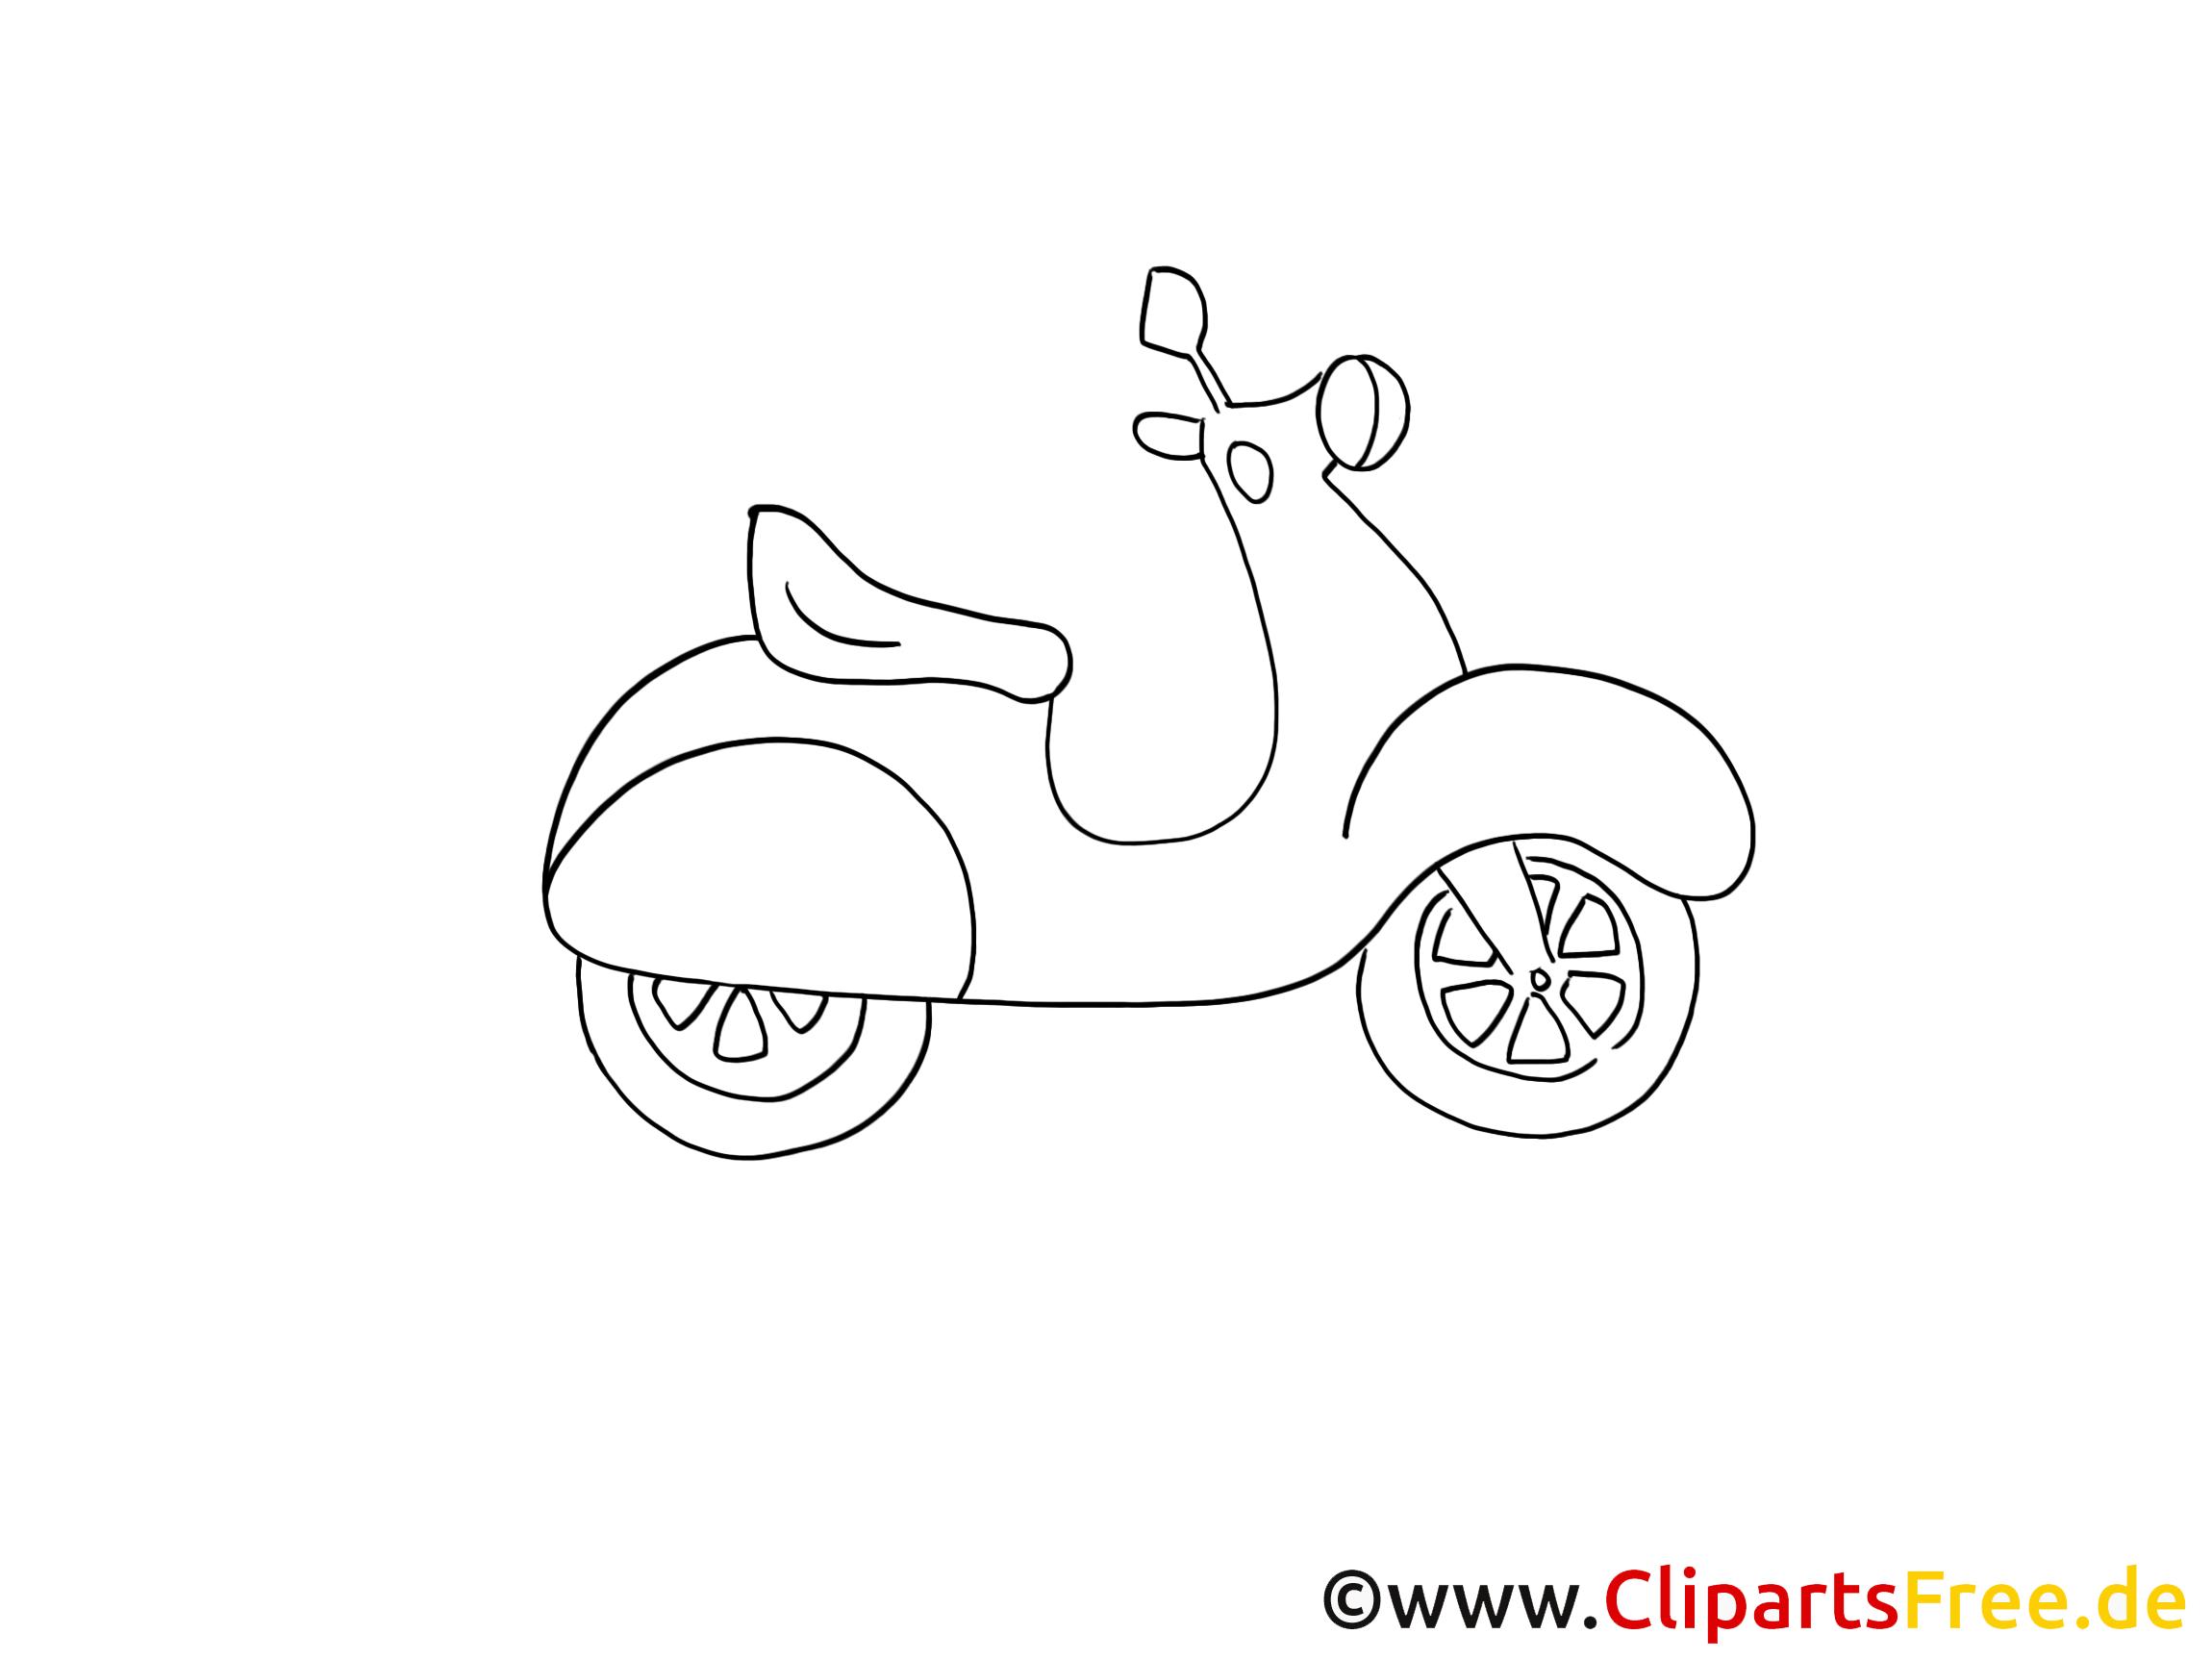 Motocyclette dessin à colorier